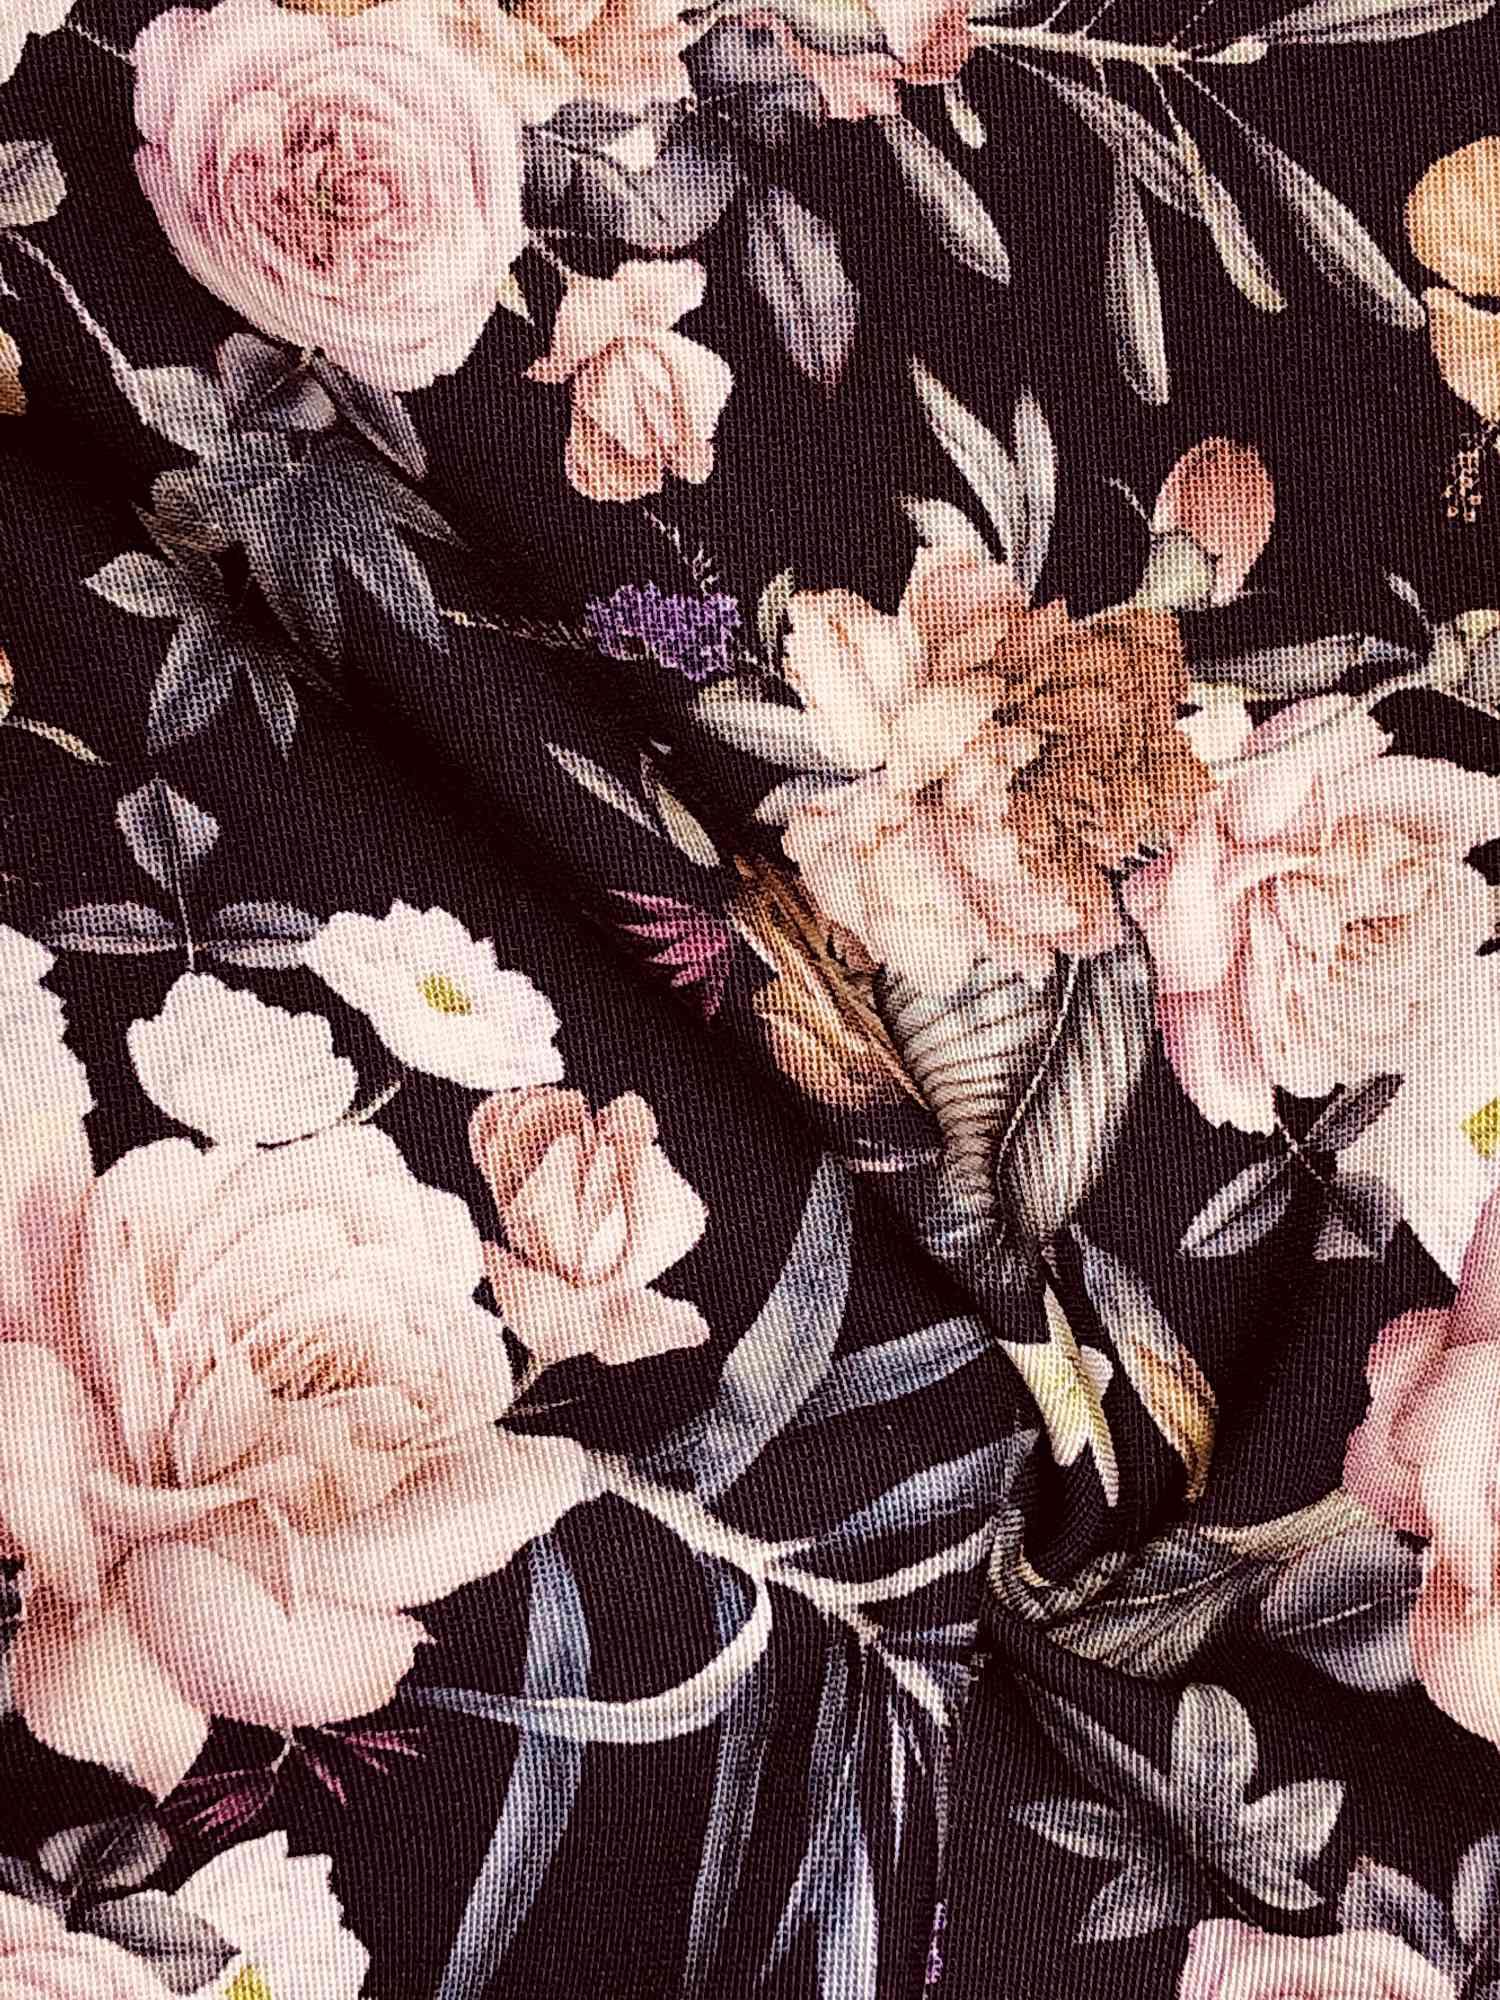 Printed Fabrics - lillo - LILLO Cotton Viscose